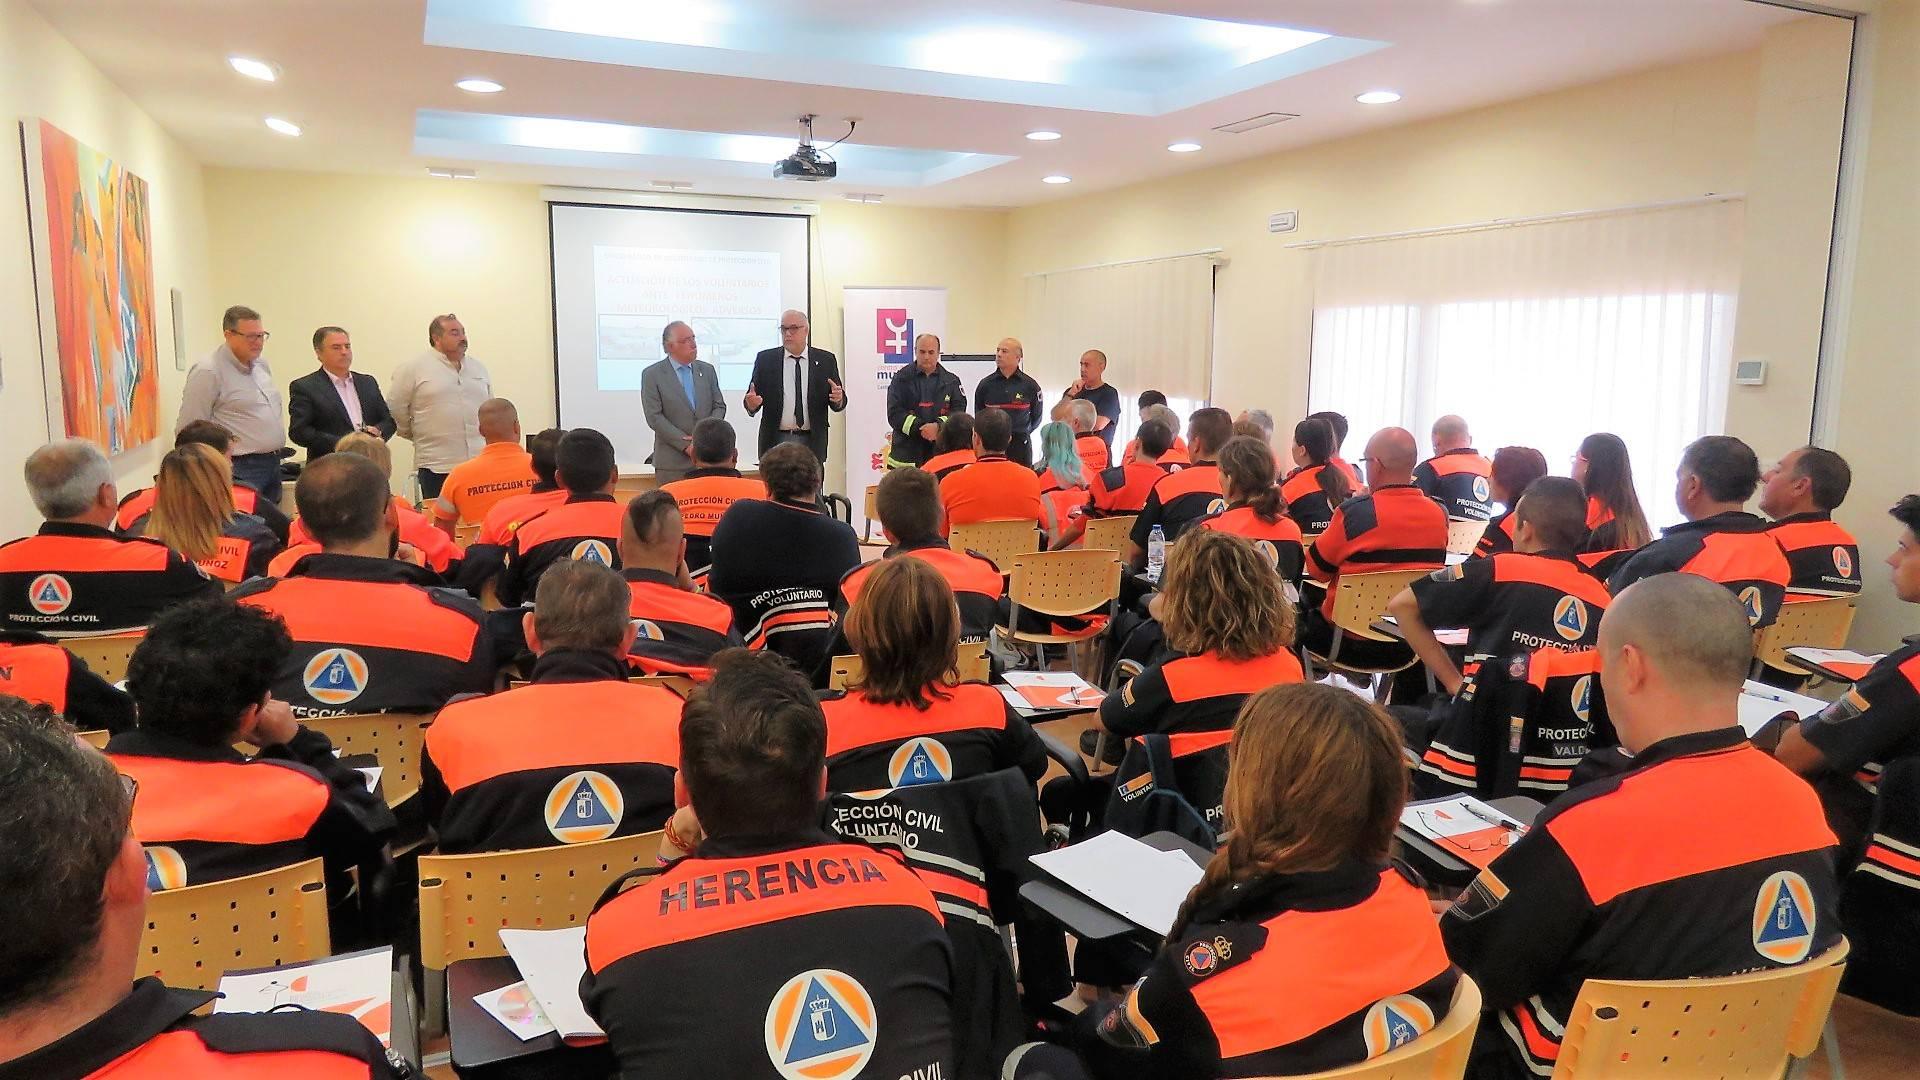 curso proteccion civil manzanares - En Castilla-La Mancha hay 3.498 voluntarios de Protección Civil, repartidos en 225 agrupaciones